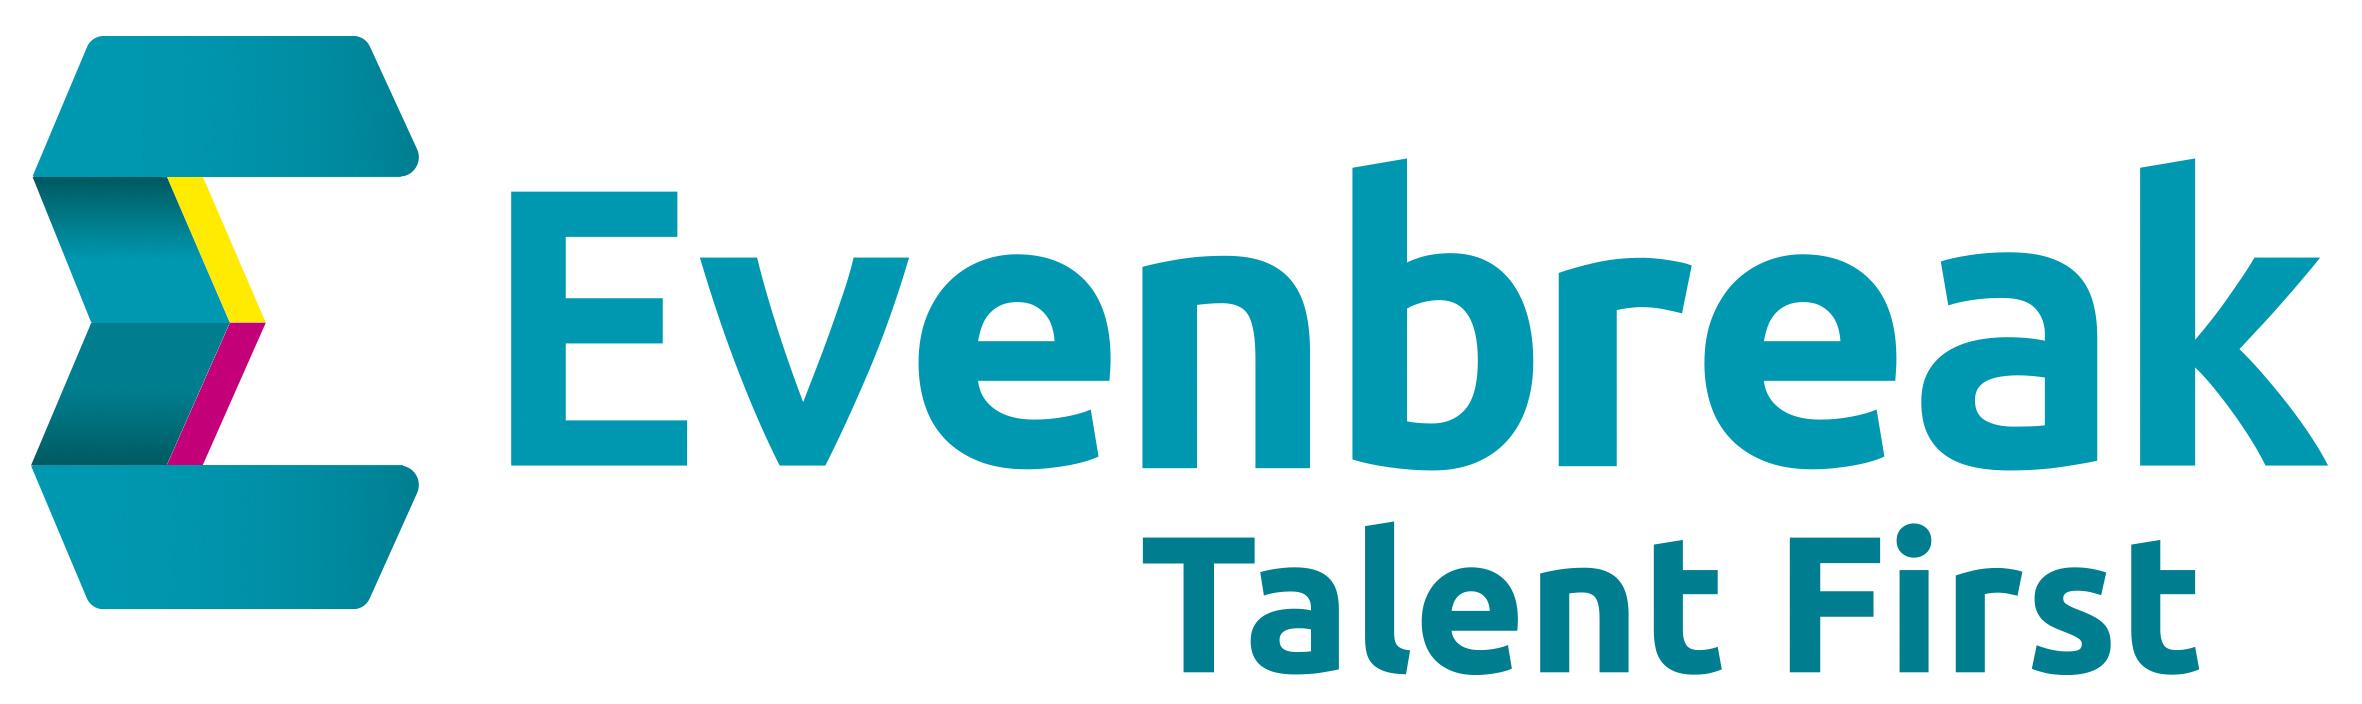 Evenbreak Talent First logo